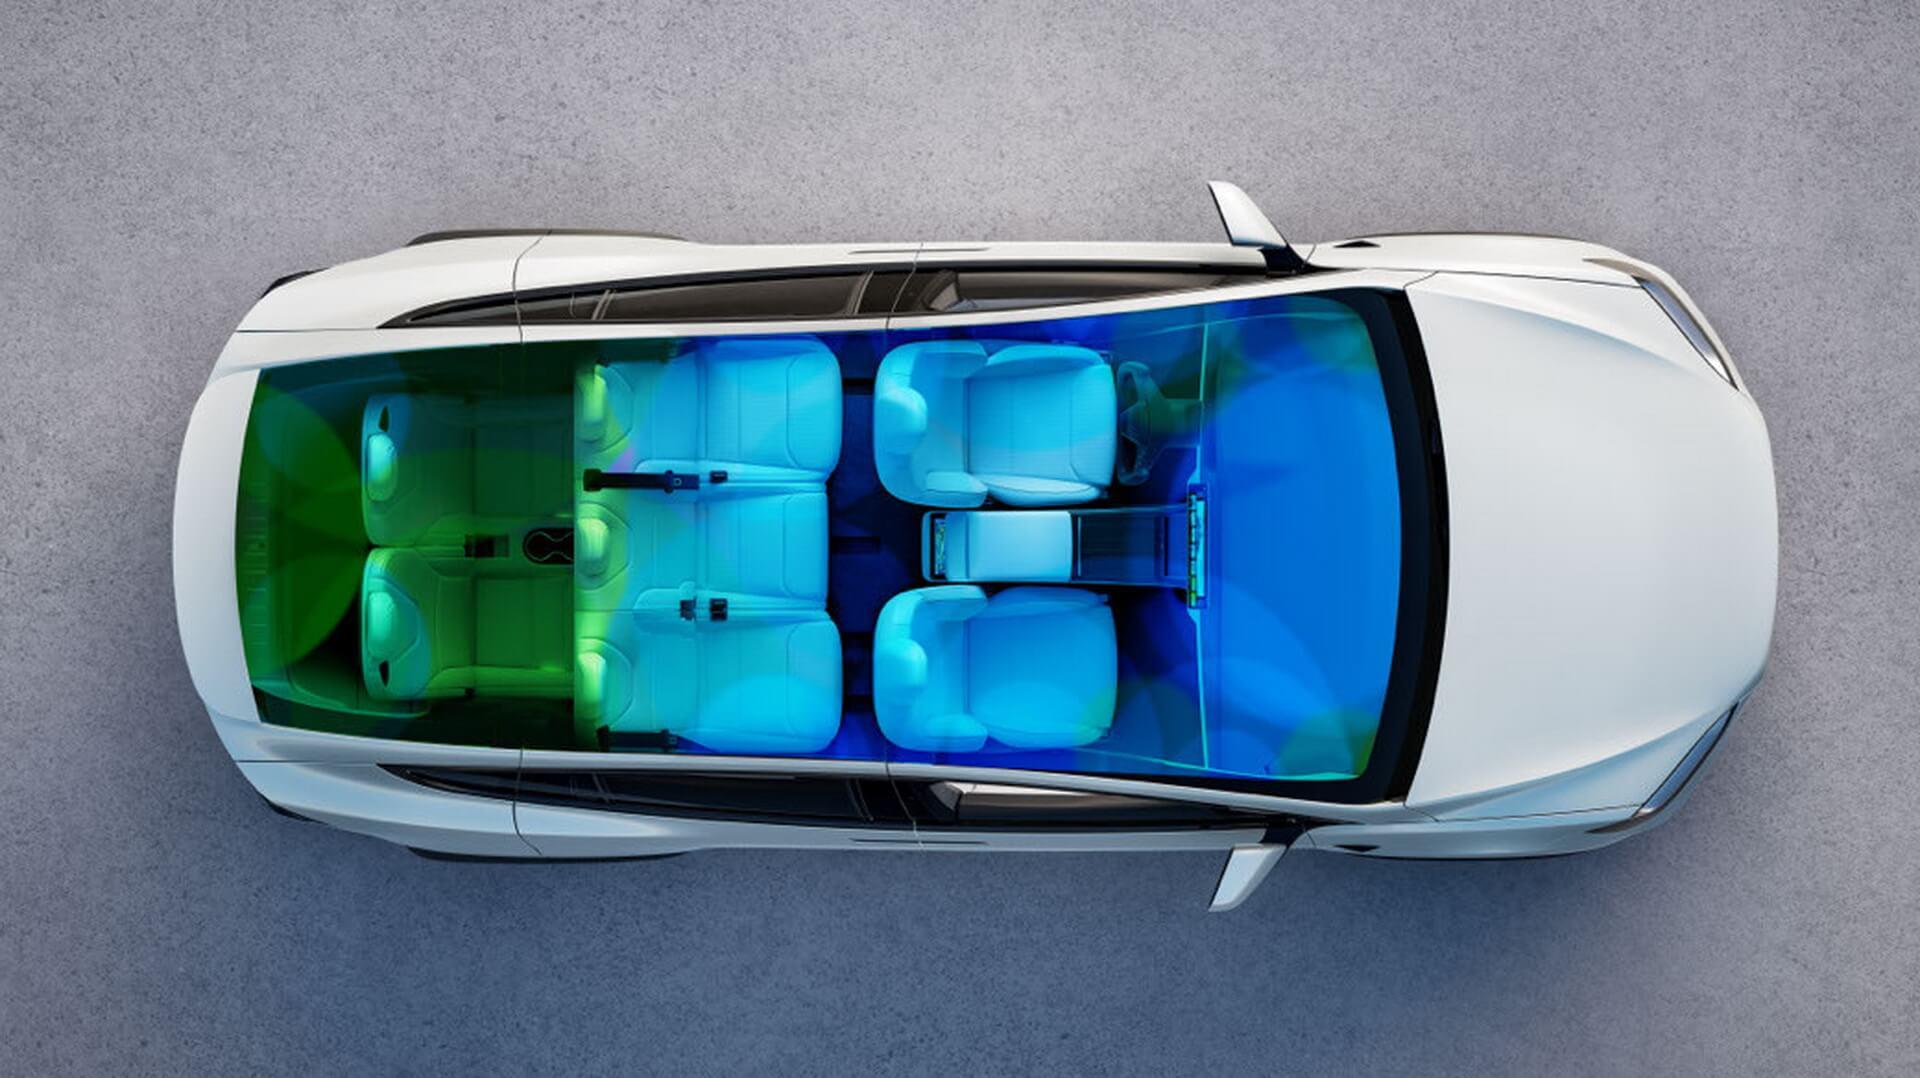 Семиместная компоновка обновленного кроссовера Tesla Model X 2021 года